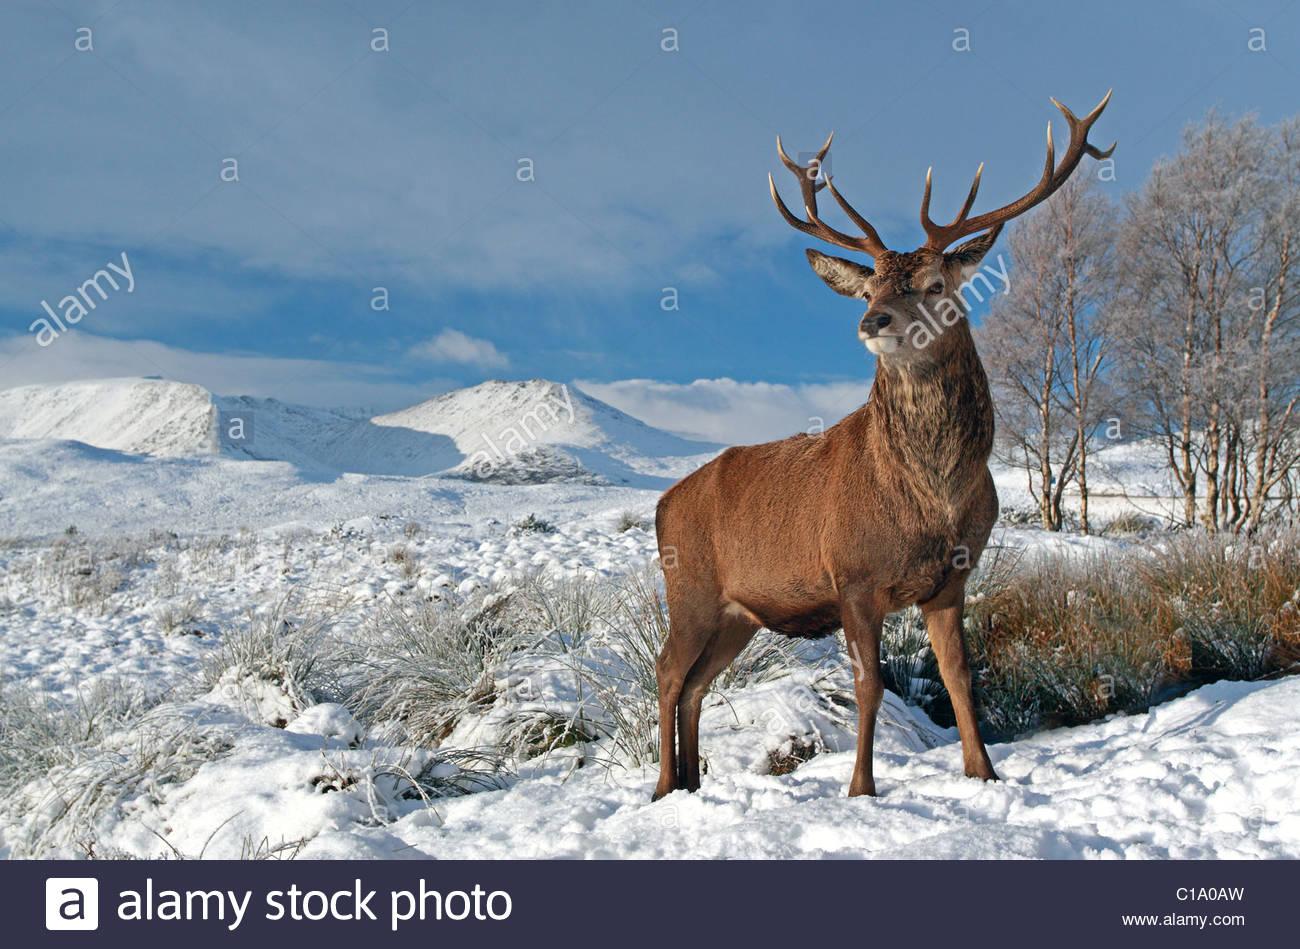 Stag Cervo su una coperta di neve paesaggio invernale nelle highlands scozzesi Immagini Stock